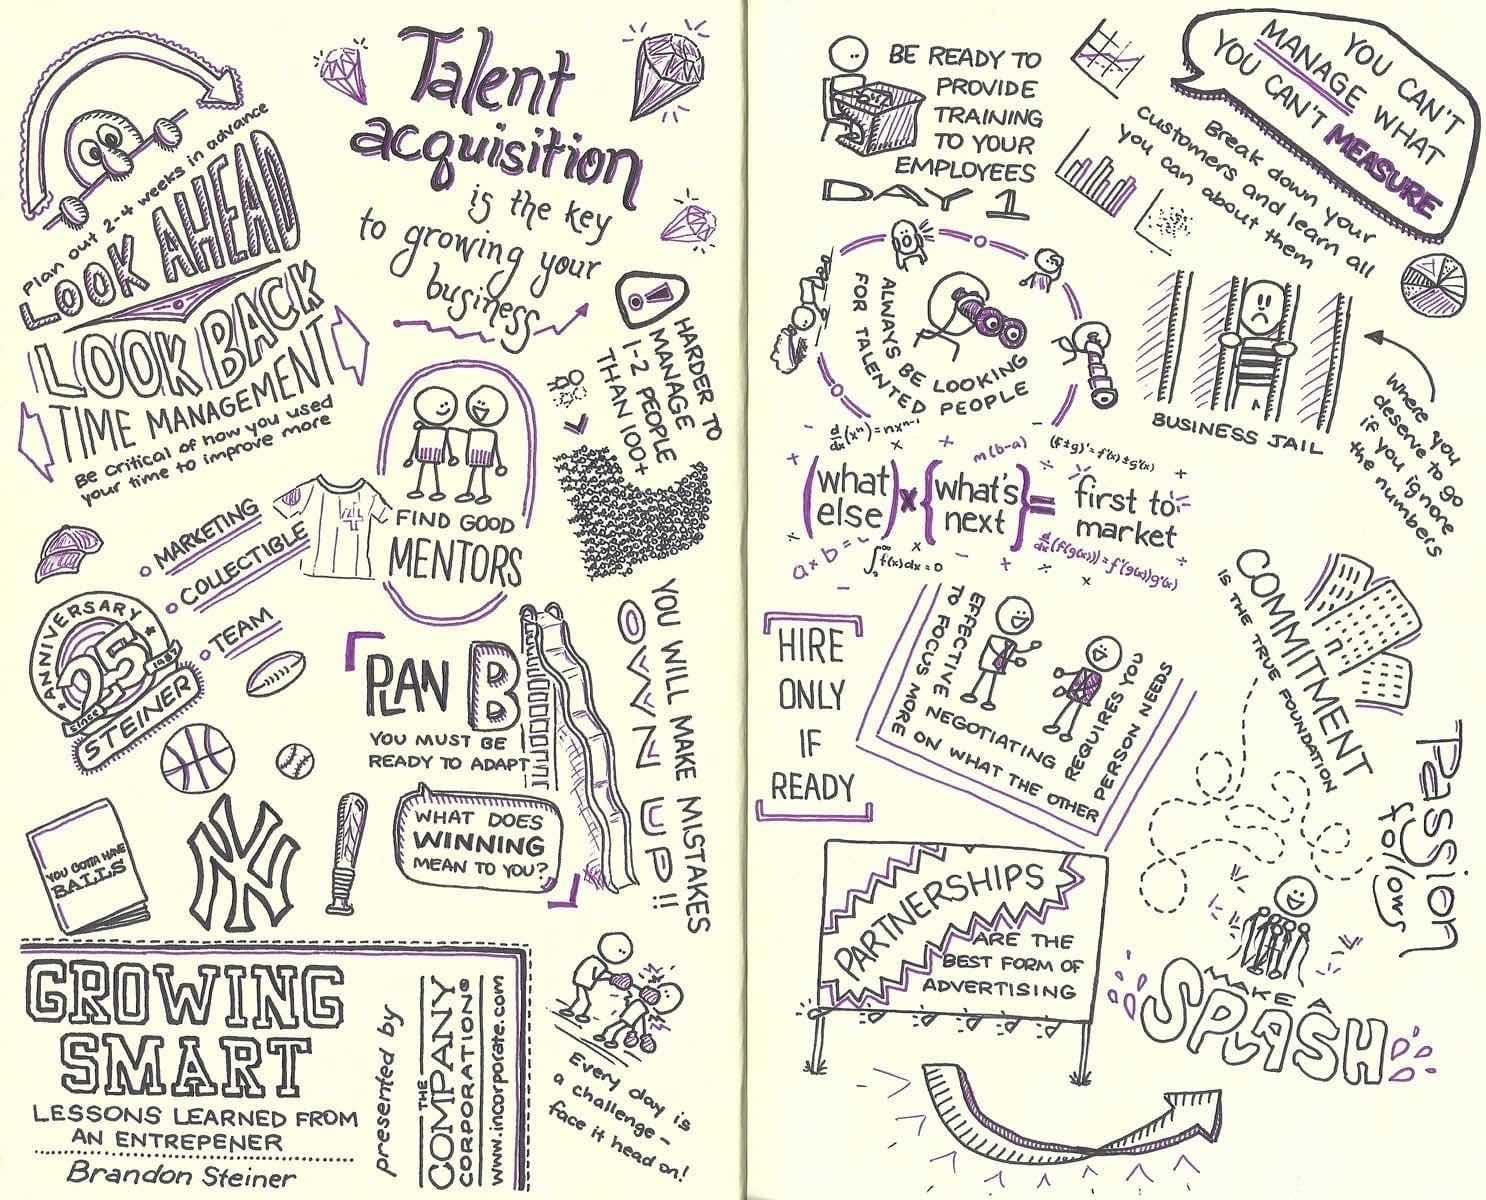 Sketchnotes for webinar on Growing Smart